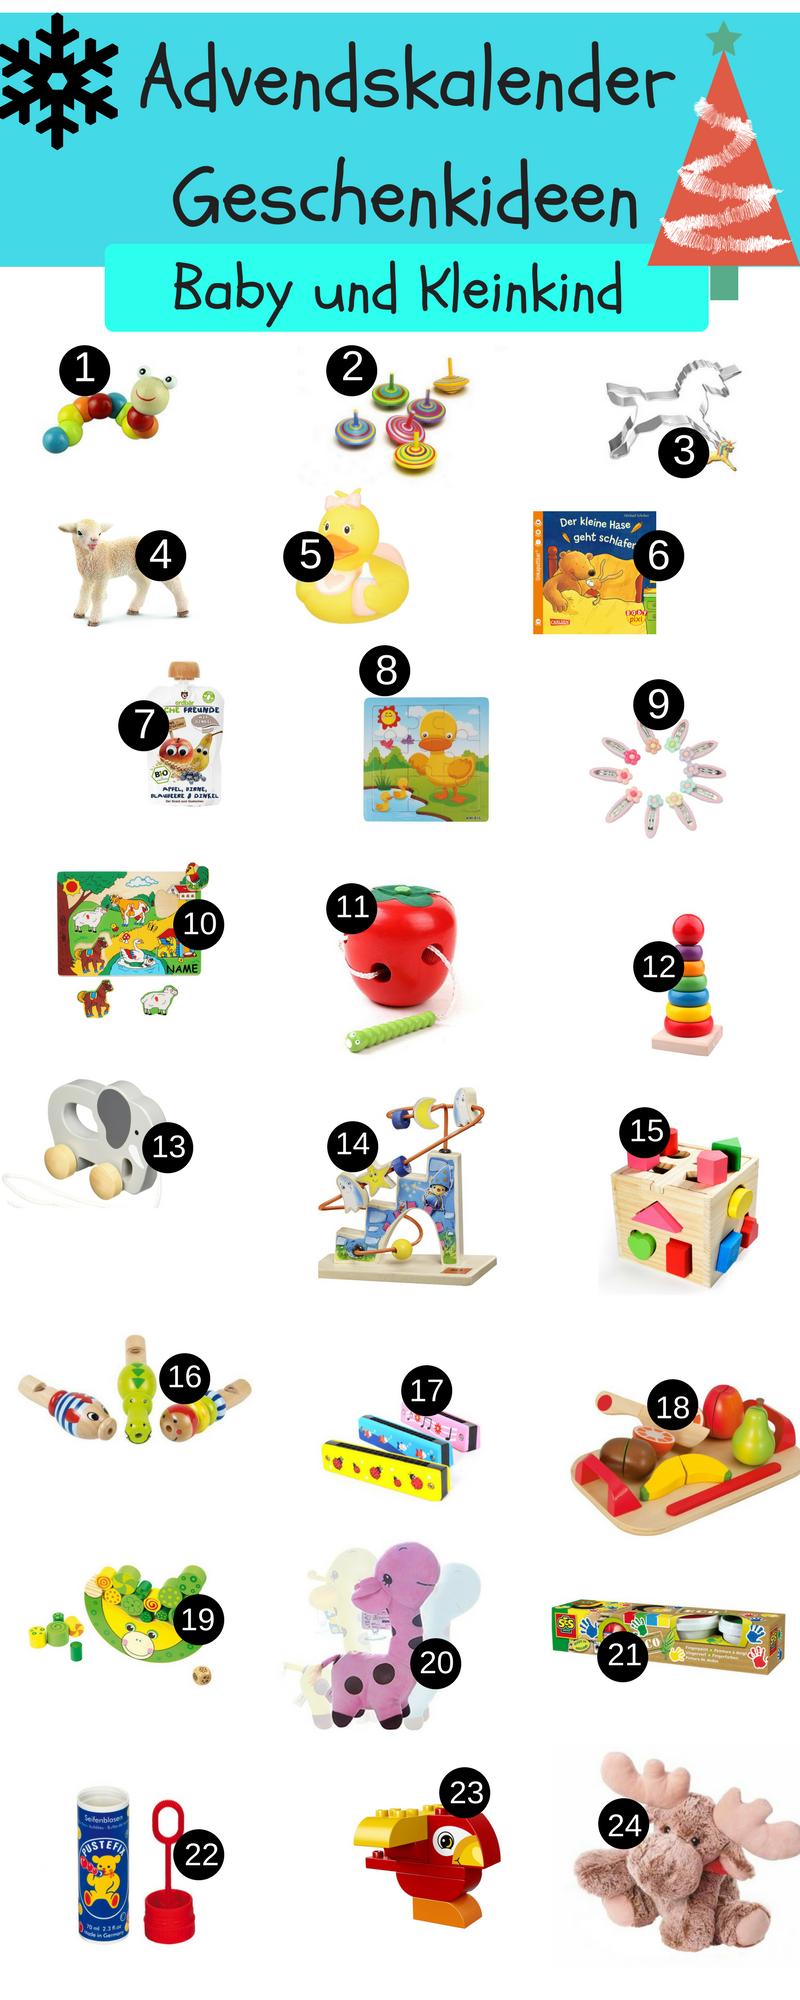 Ideen Für Adventskalender Baby.24 Ideen Fur Den Advendskalender Fur Babys Und Kleinkinder